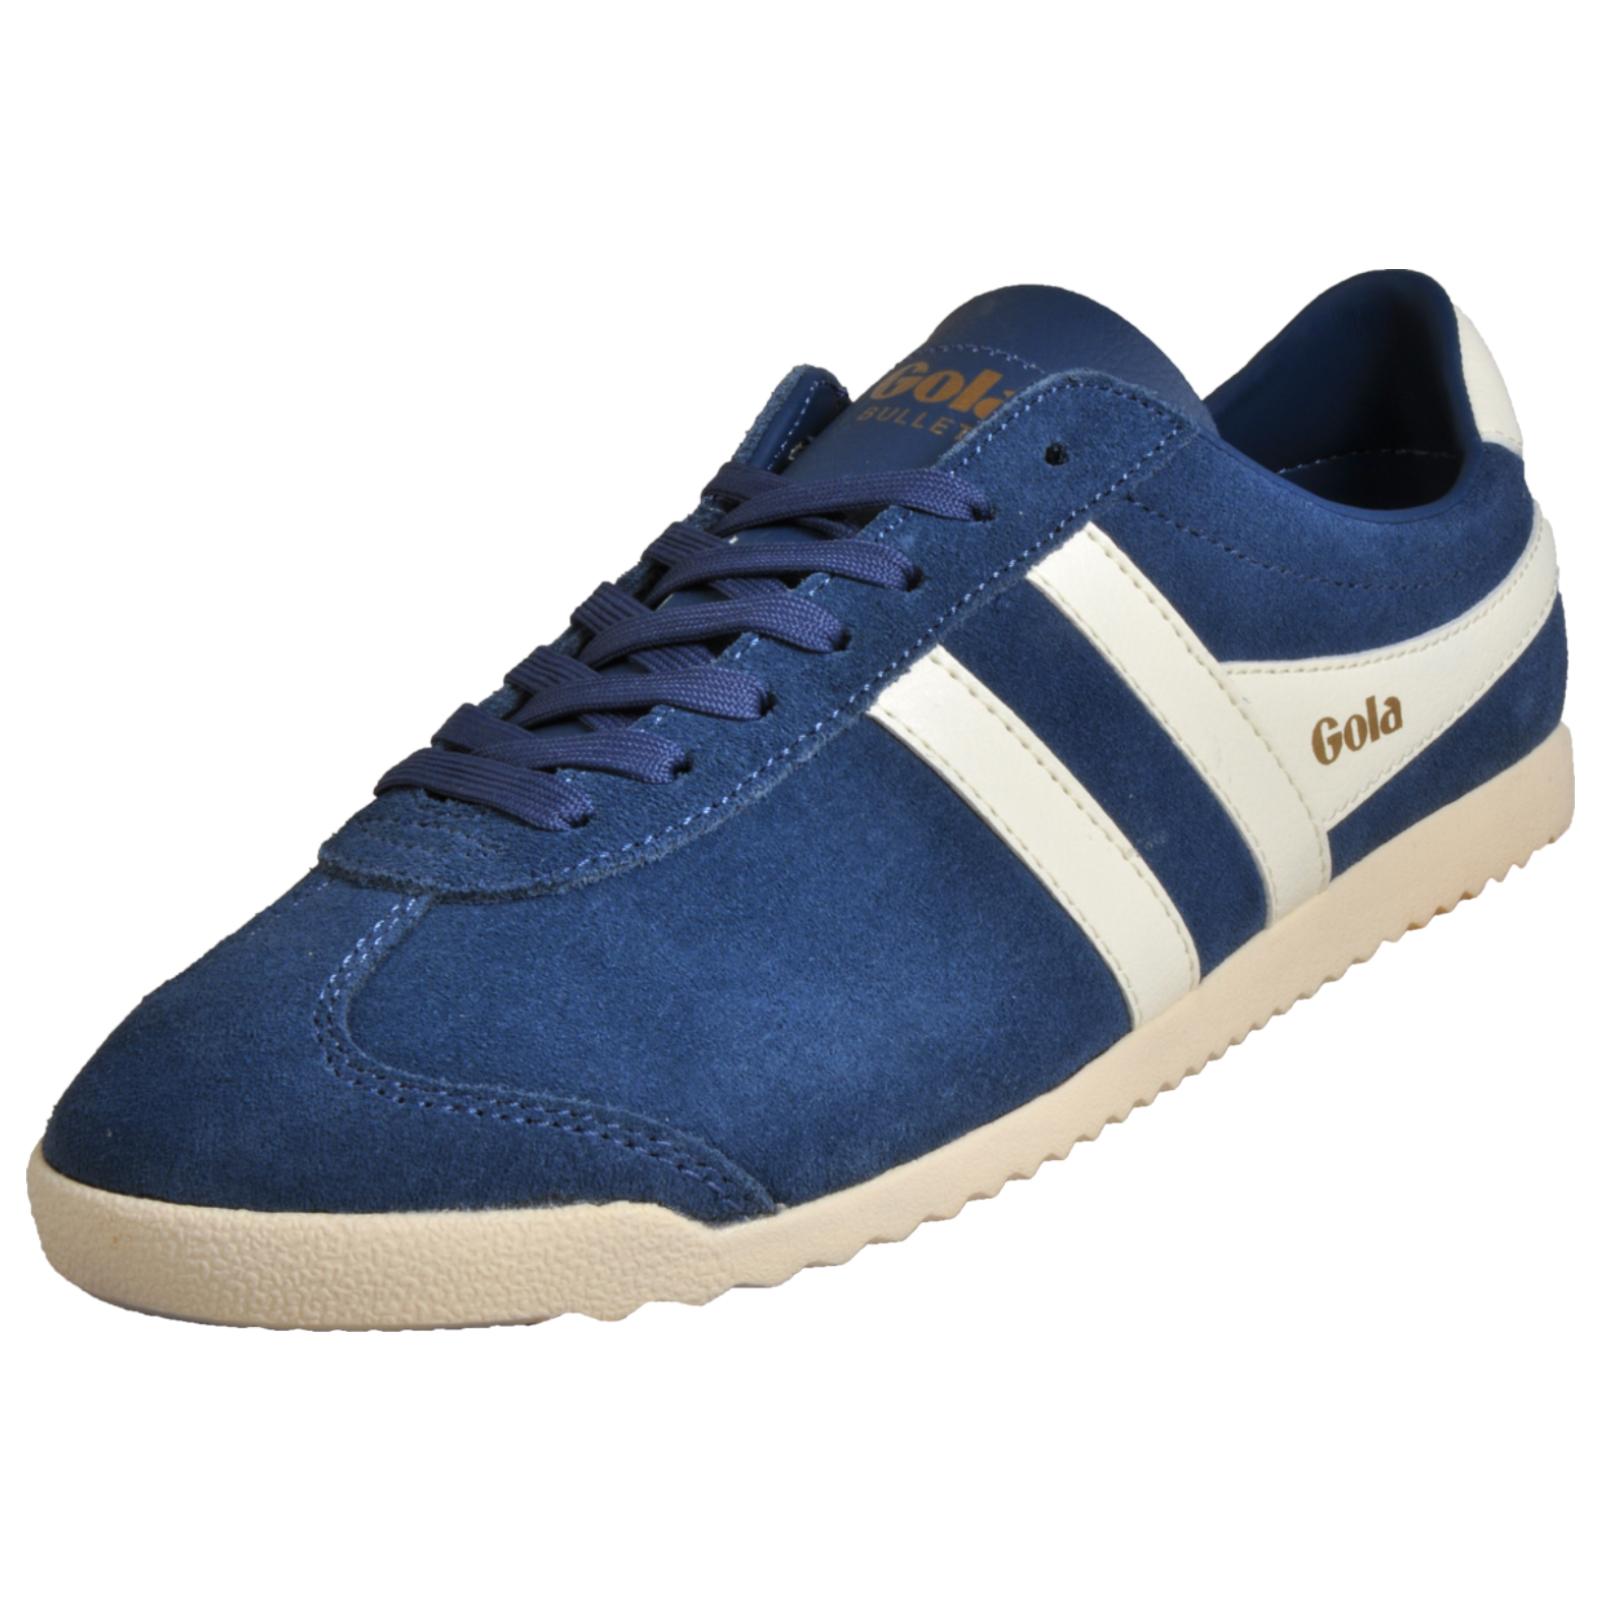 Details about Gola Classics Bullet Suede Men s Casual Vintage Retro fashion  Trainers Blue 4e5c9050e